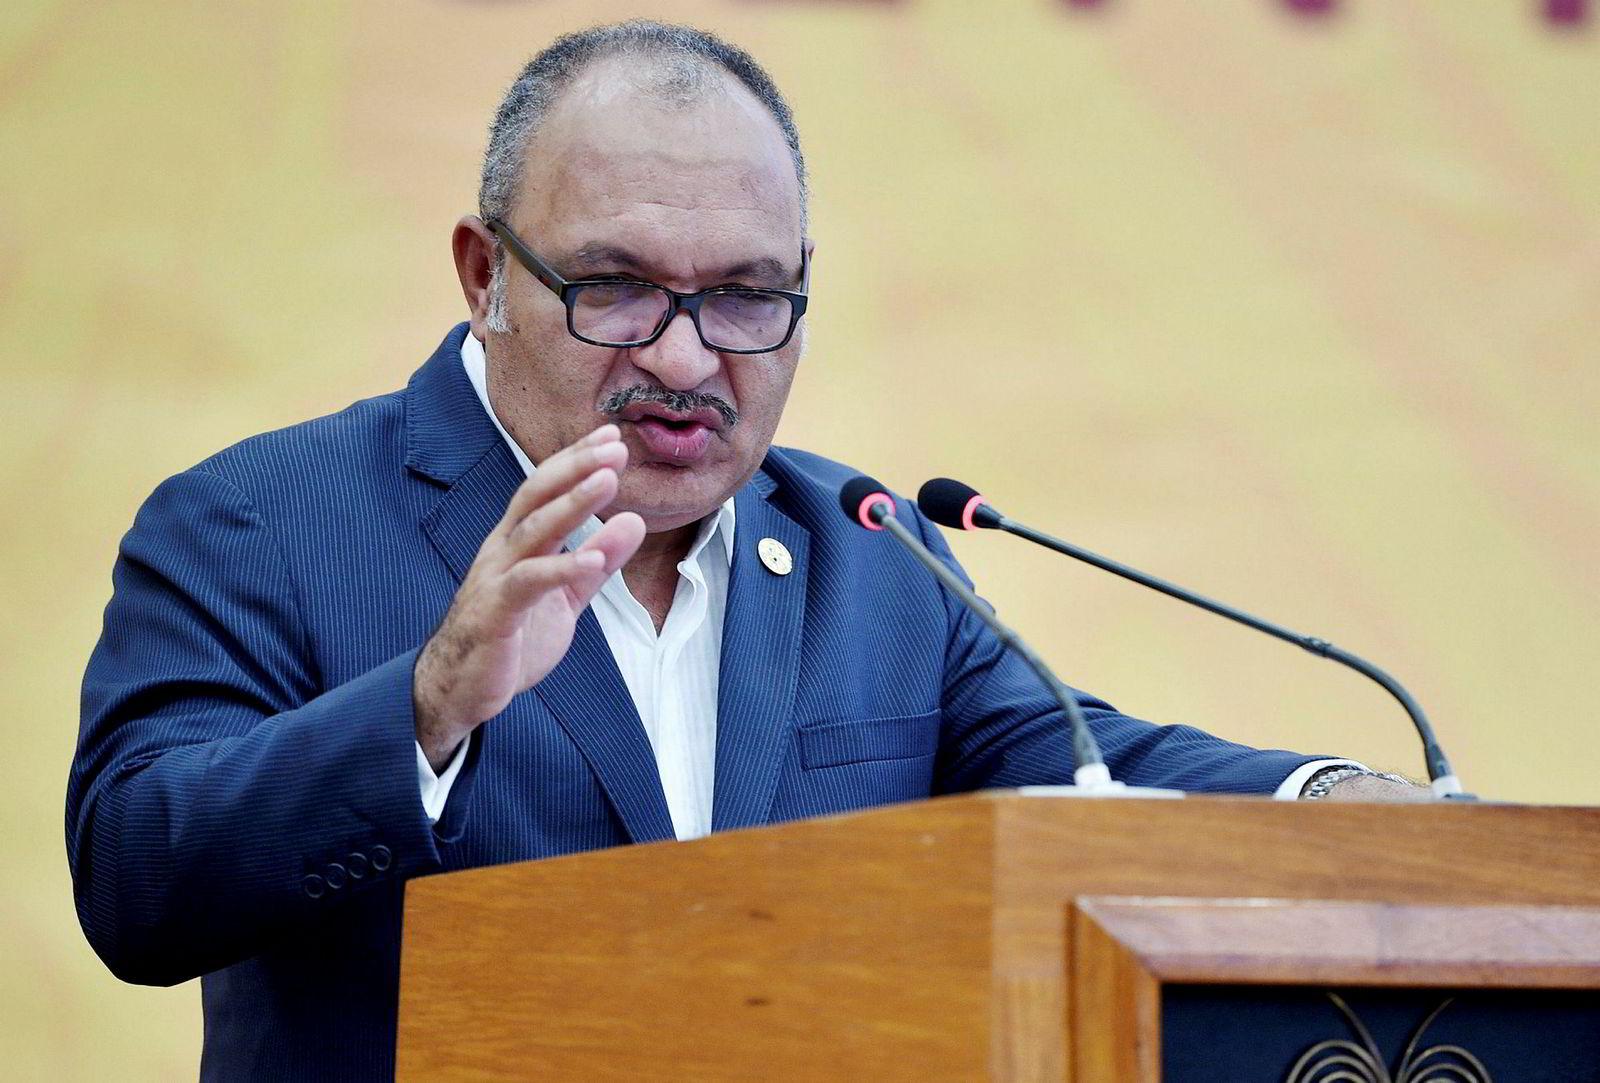 Papua Ny-Guineas statsminister Peter O'Neill ga USA og Kina ga skylden for at det ikke ble en felles slutterklæring på årets Apec-møte.